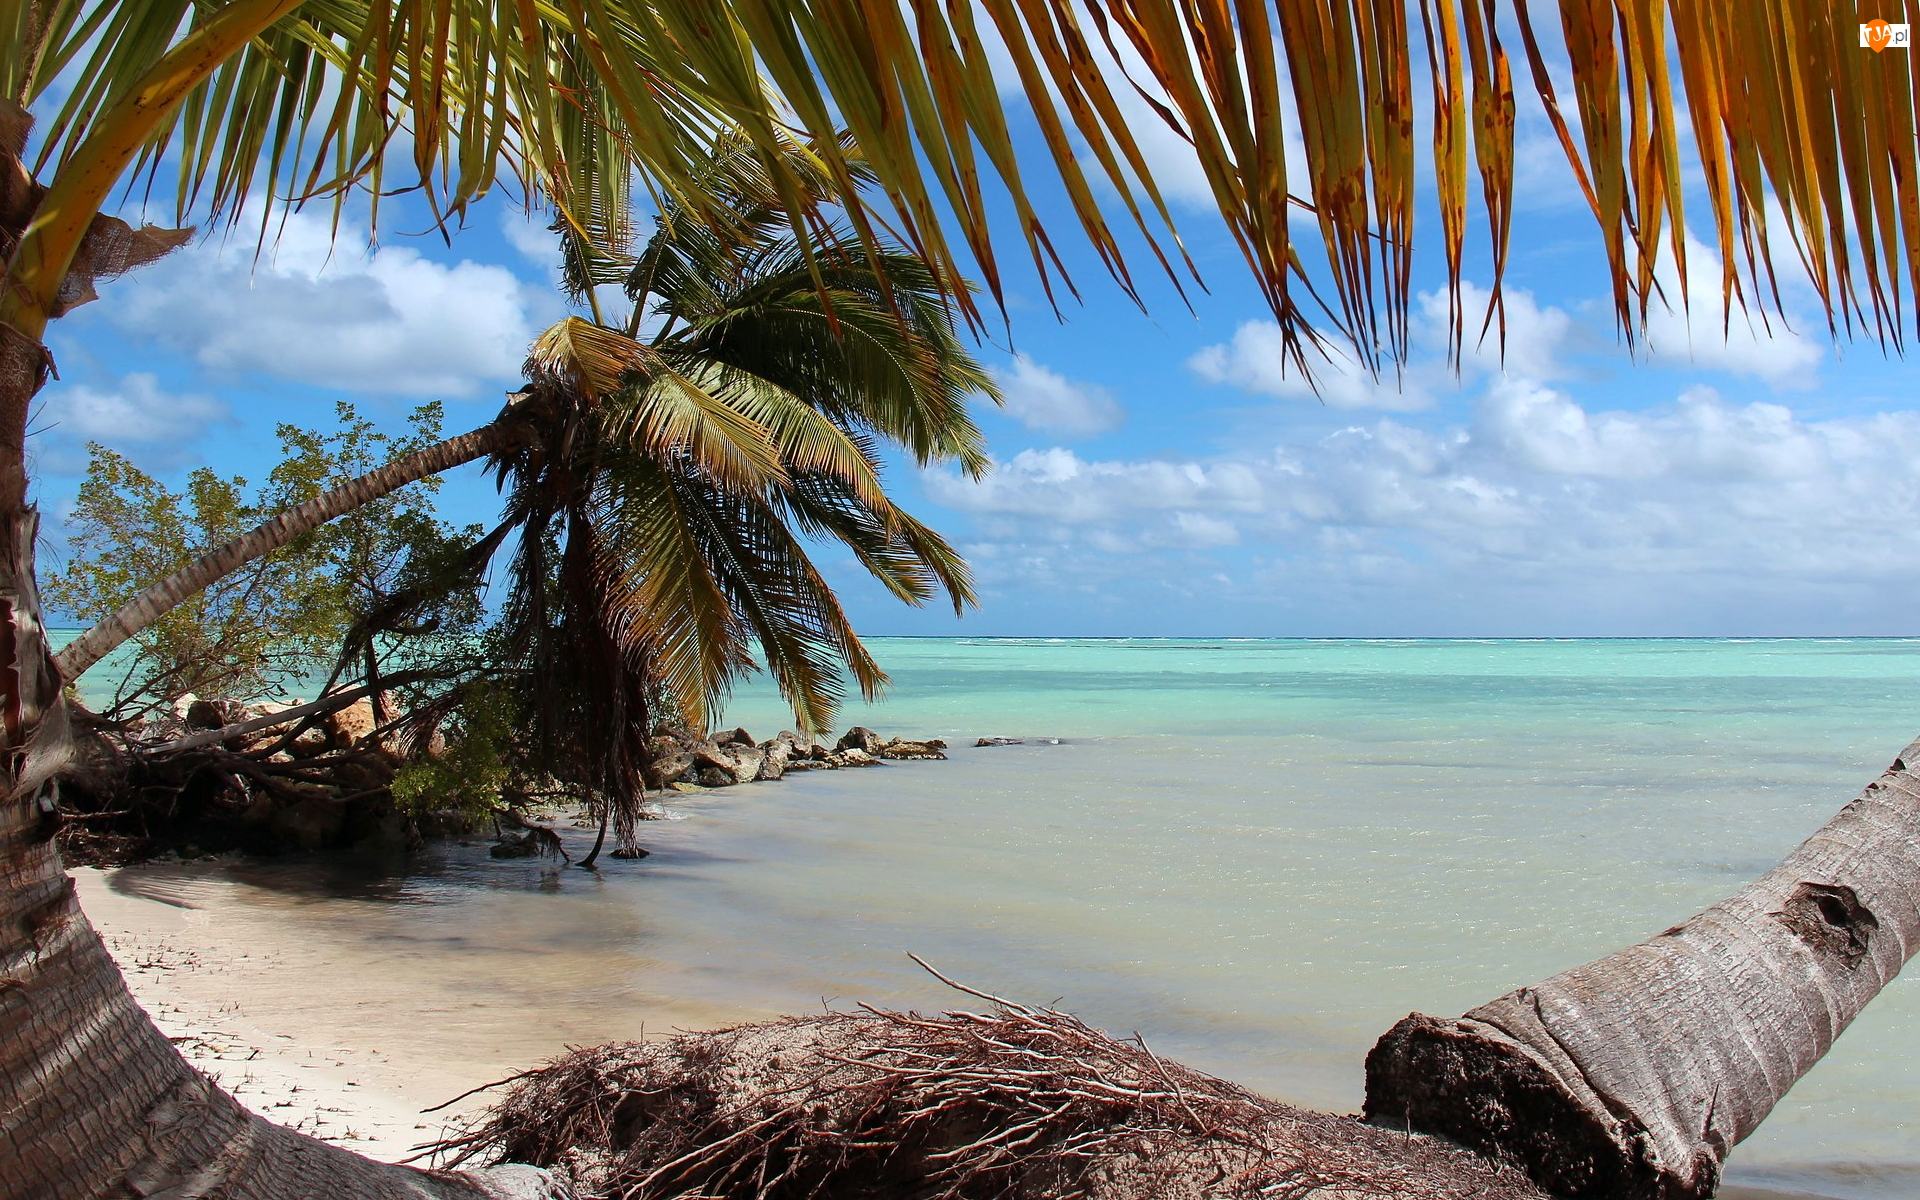 Palmy, Morze, Ocean, Pochylone